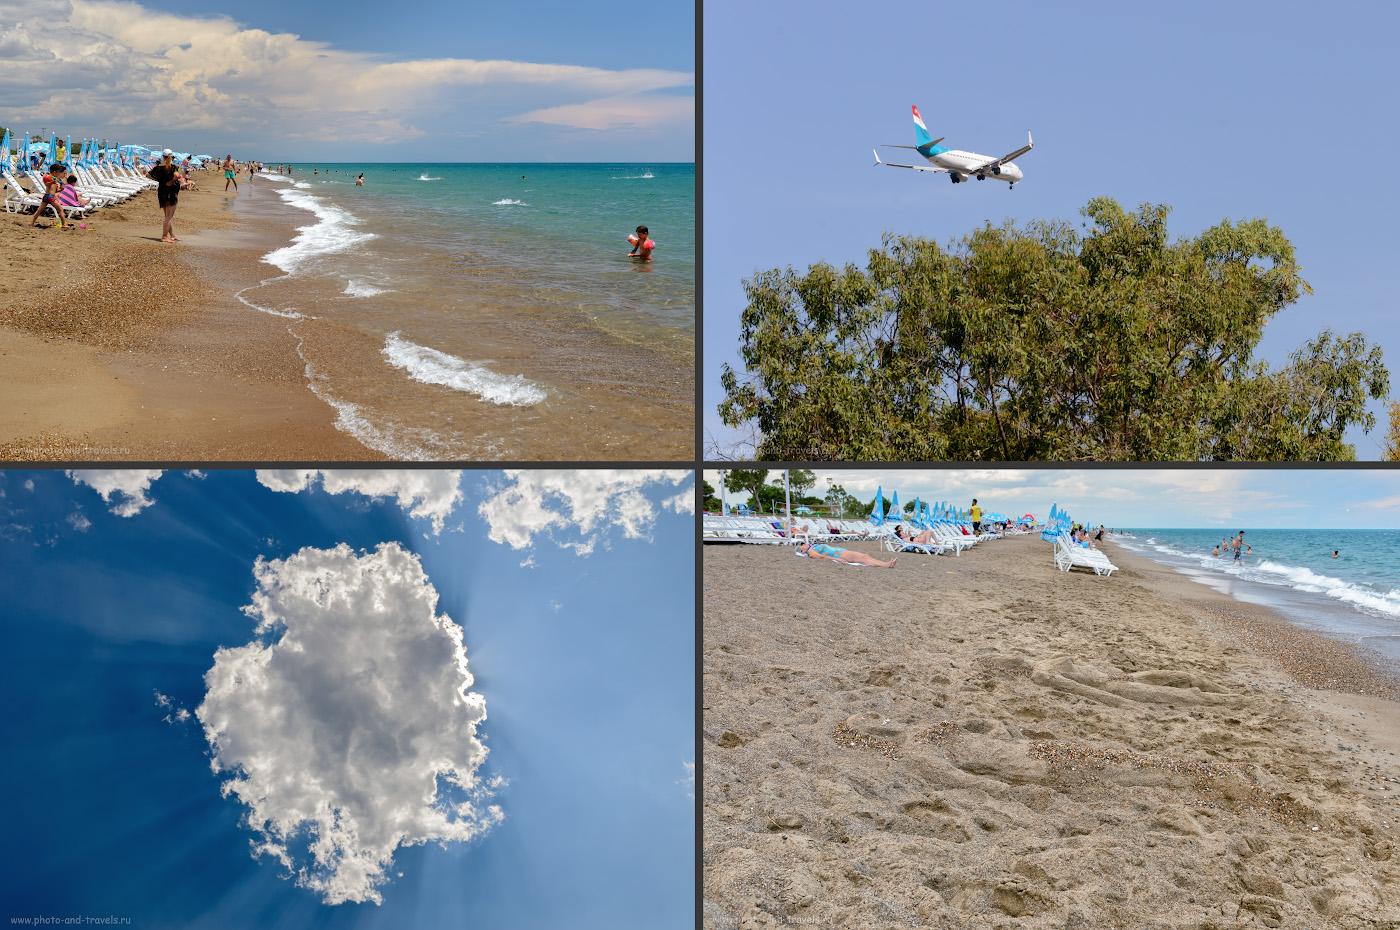 Фотография 5. Отдых на пляже Лара в Анталии. Отзывы туристов из России о поездке в Турцию самостоятельно.